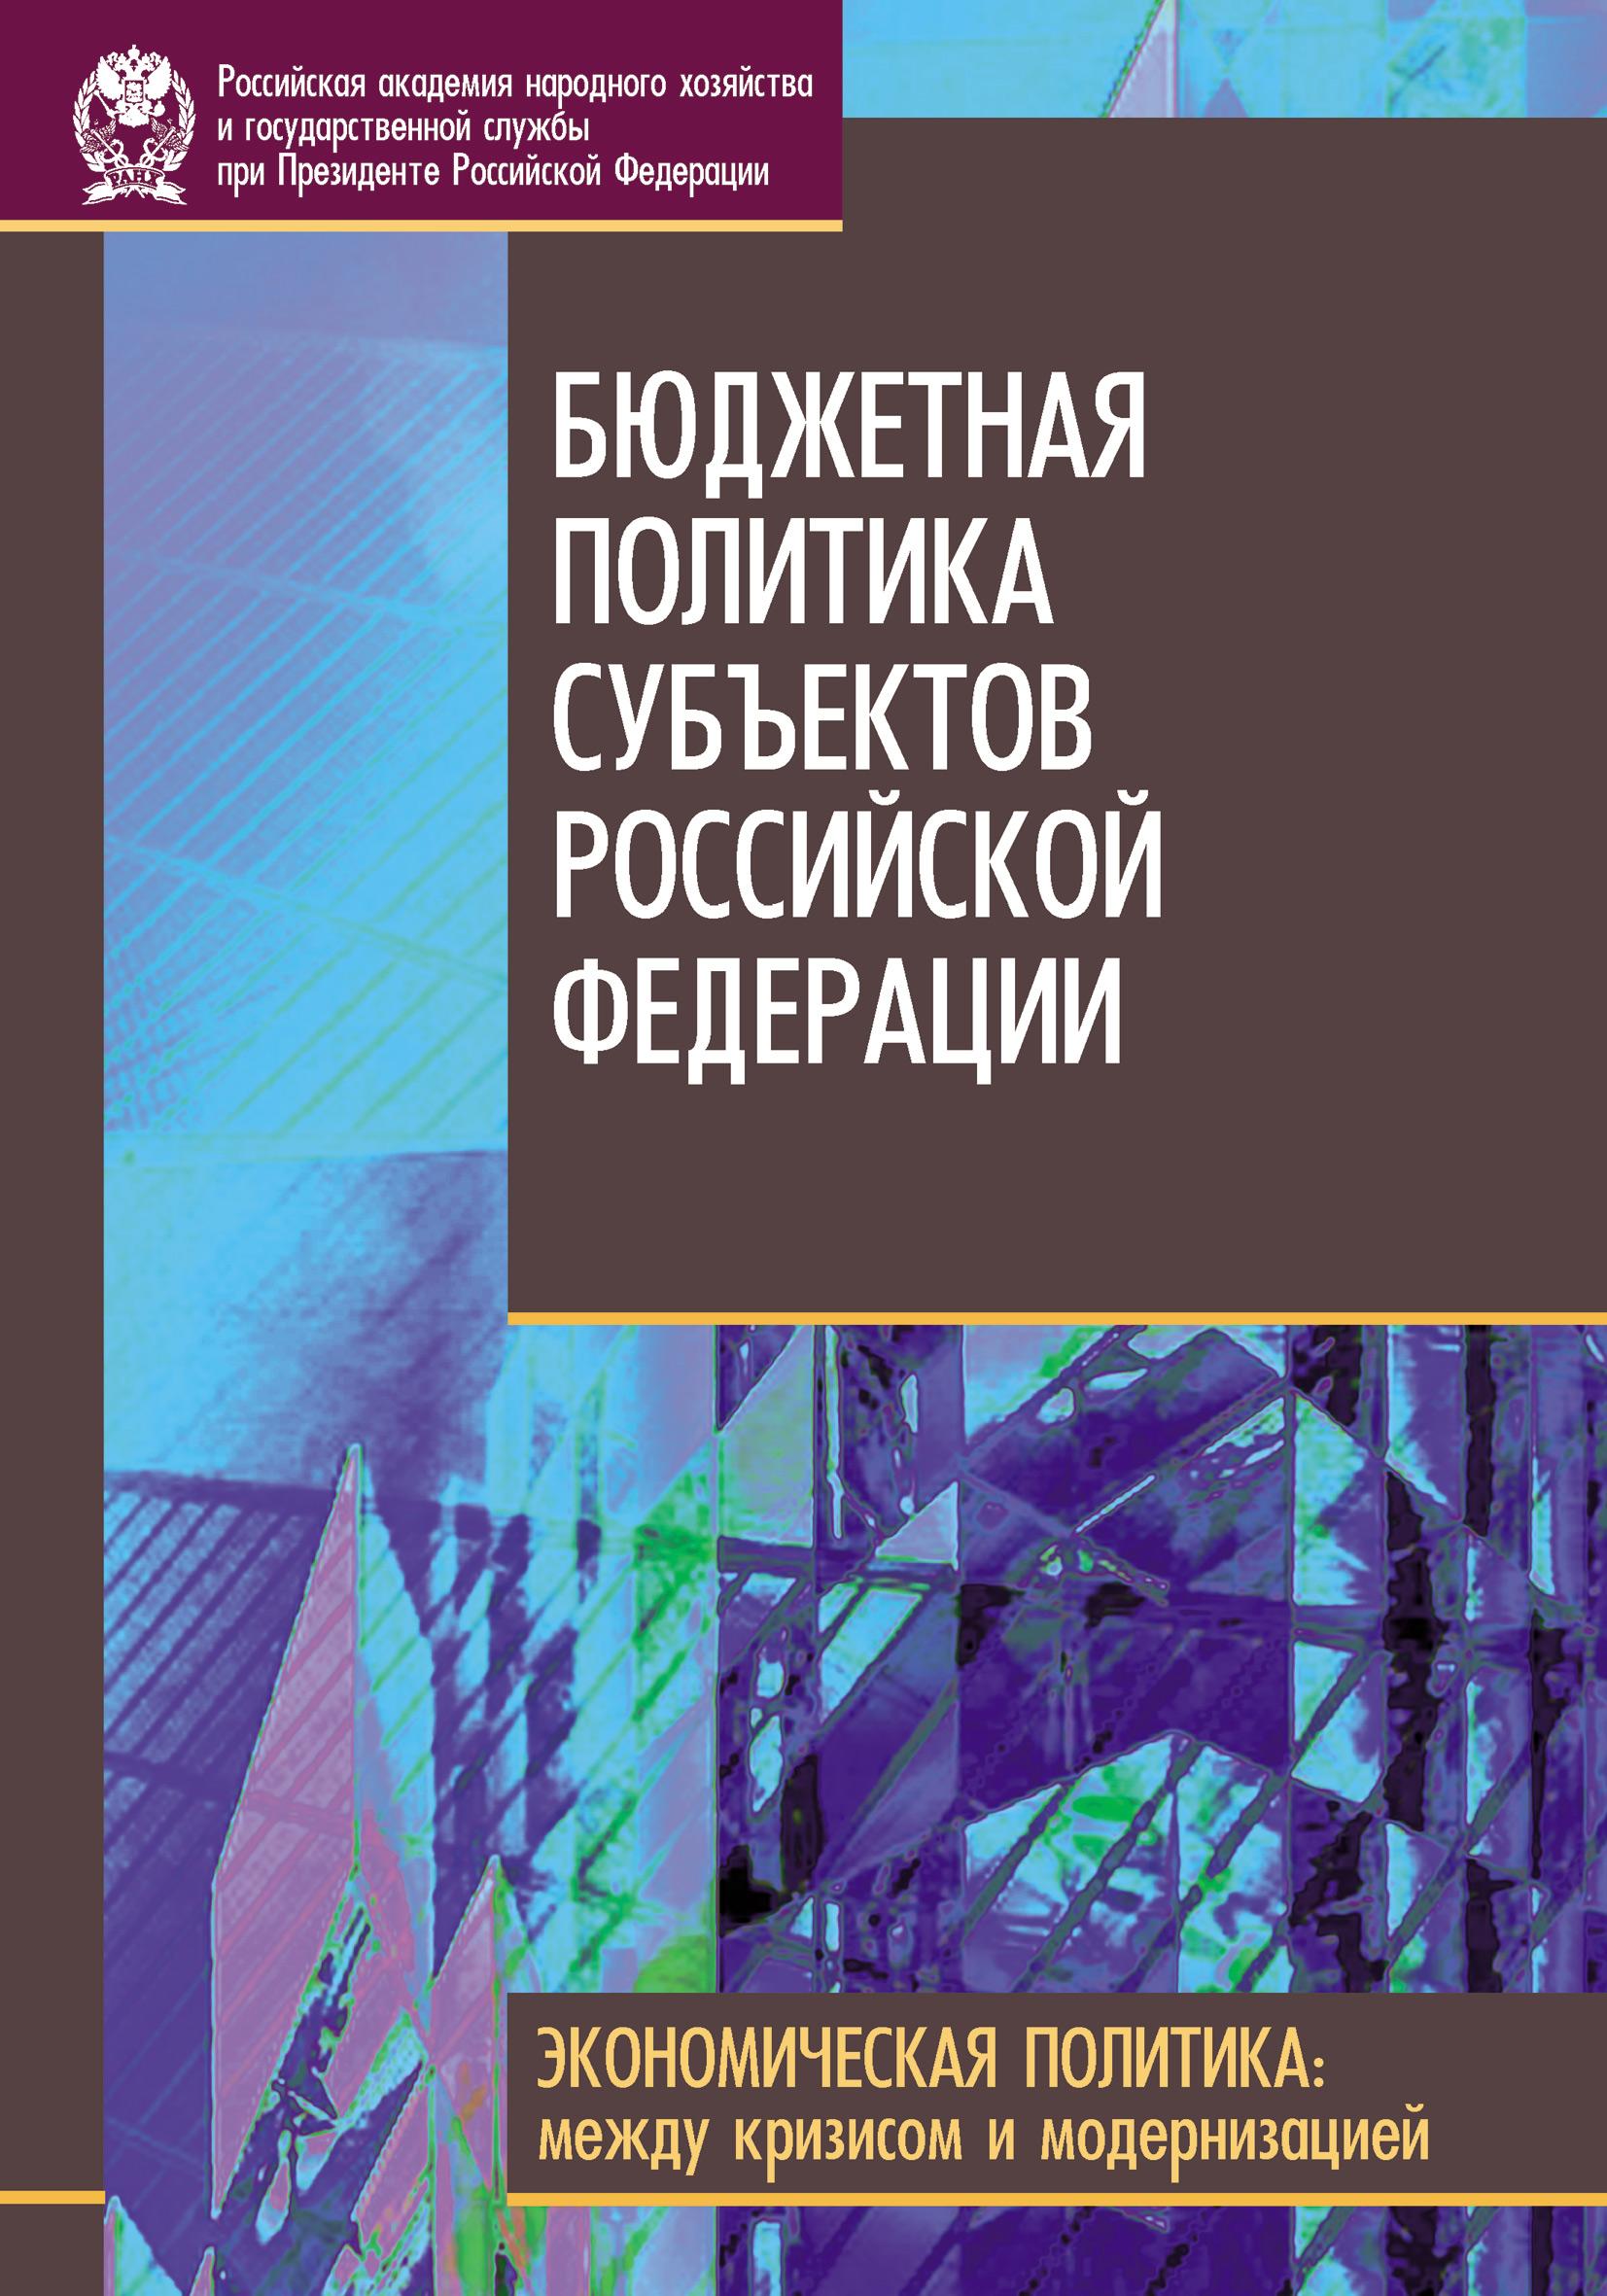 Обложка книги Бюджетная политика субъектов Российской Федерации